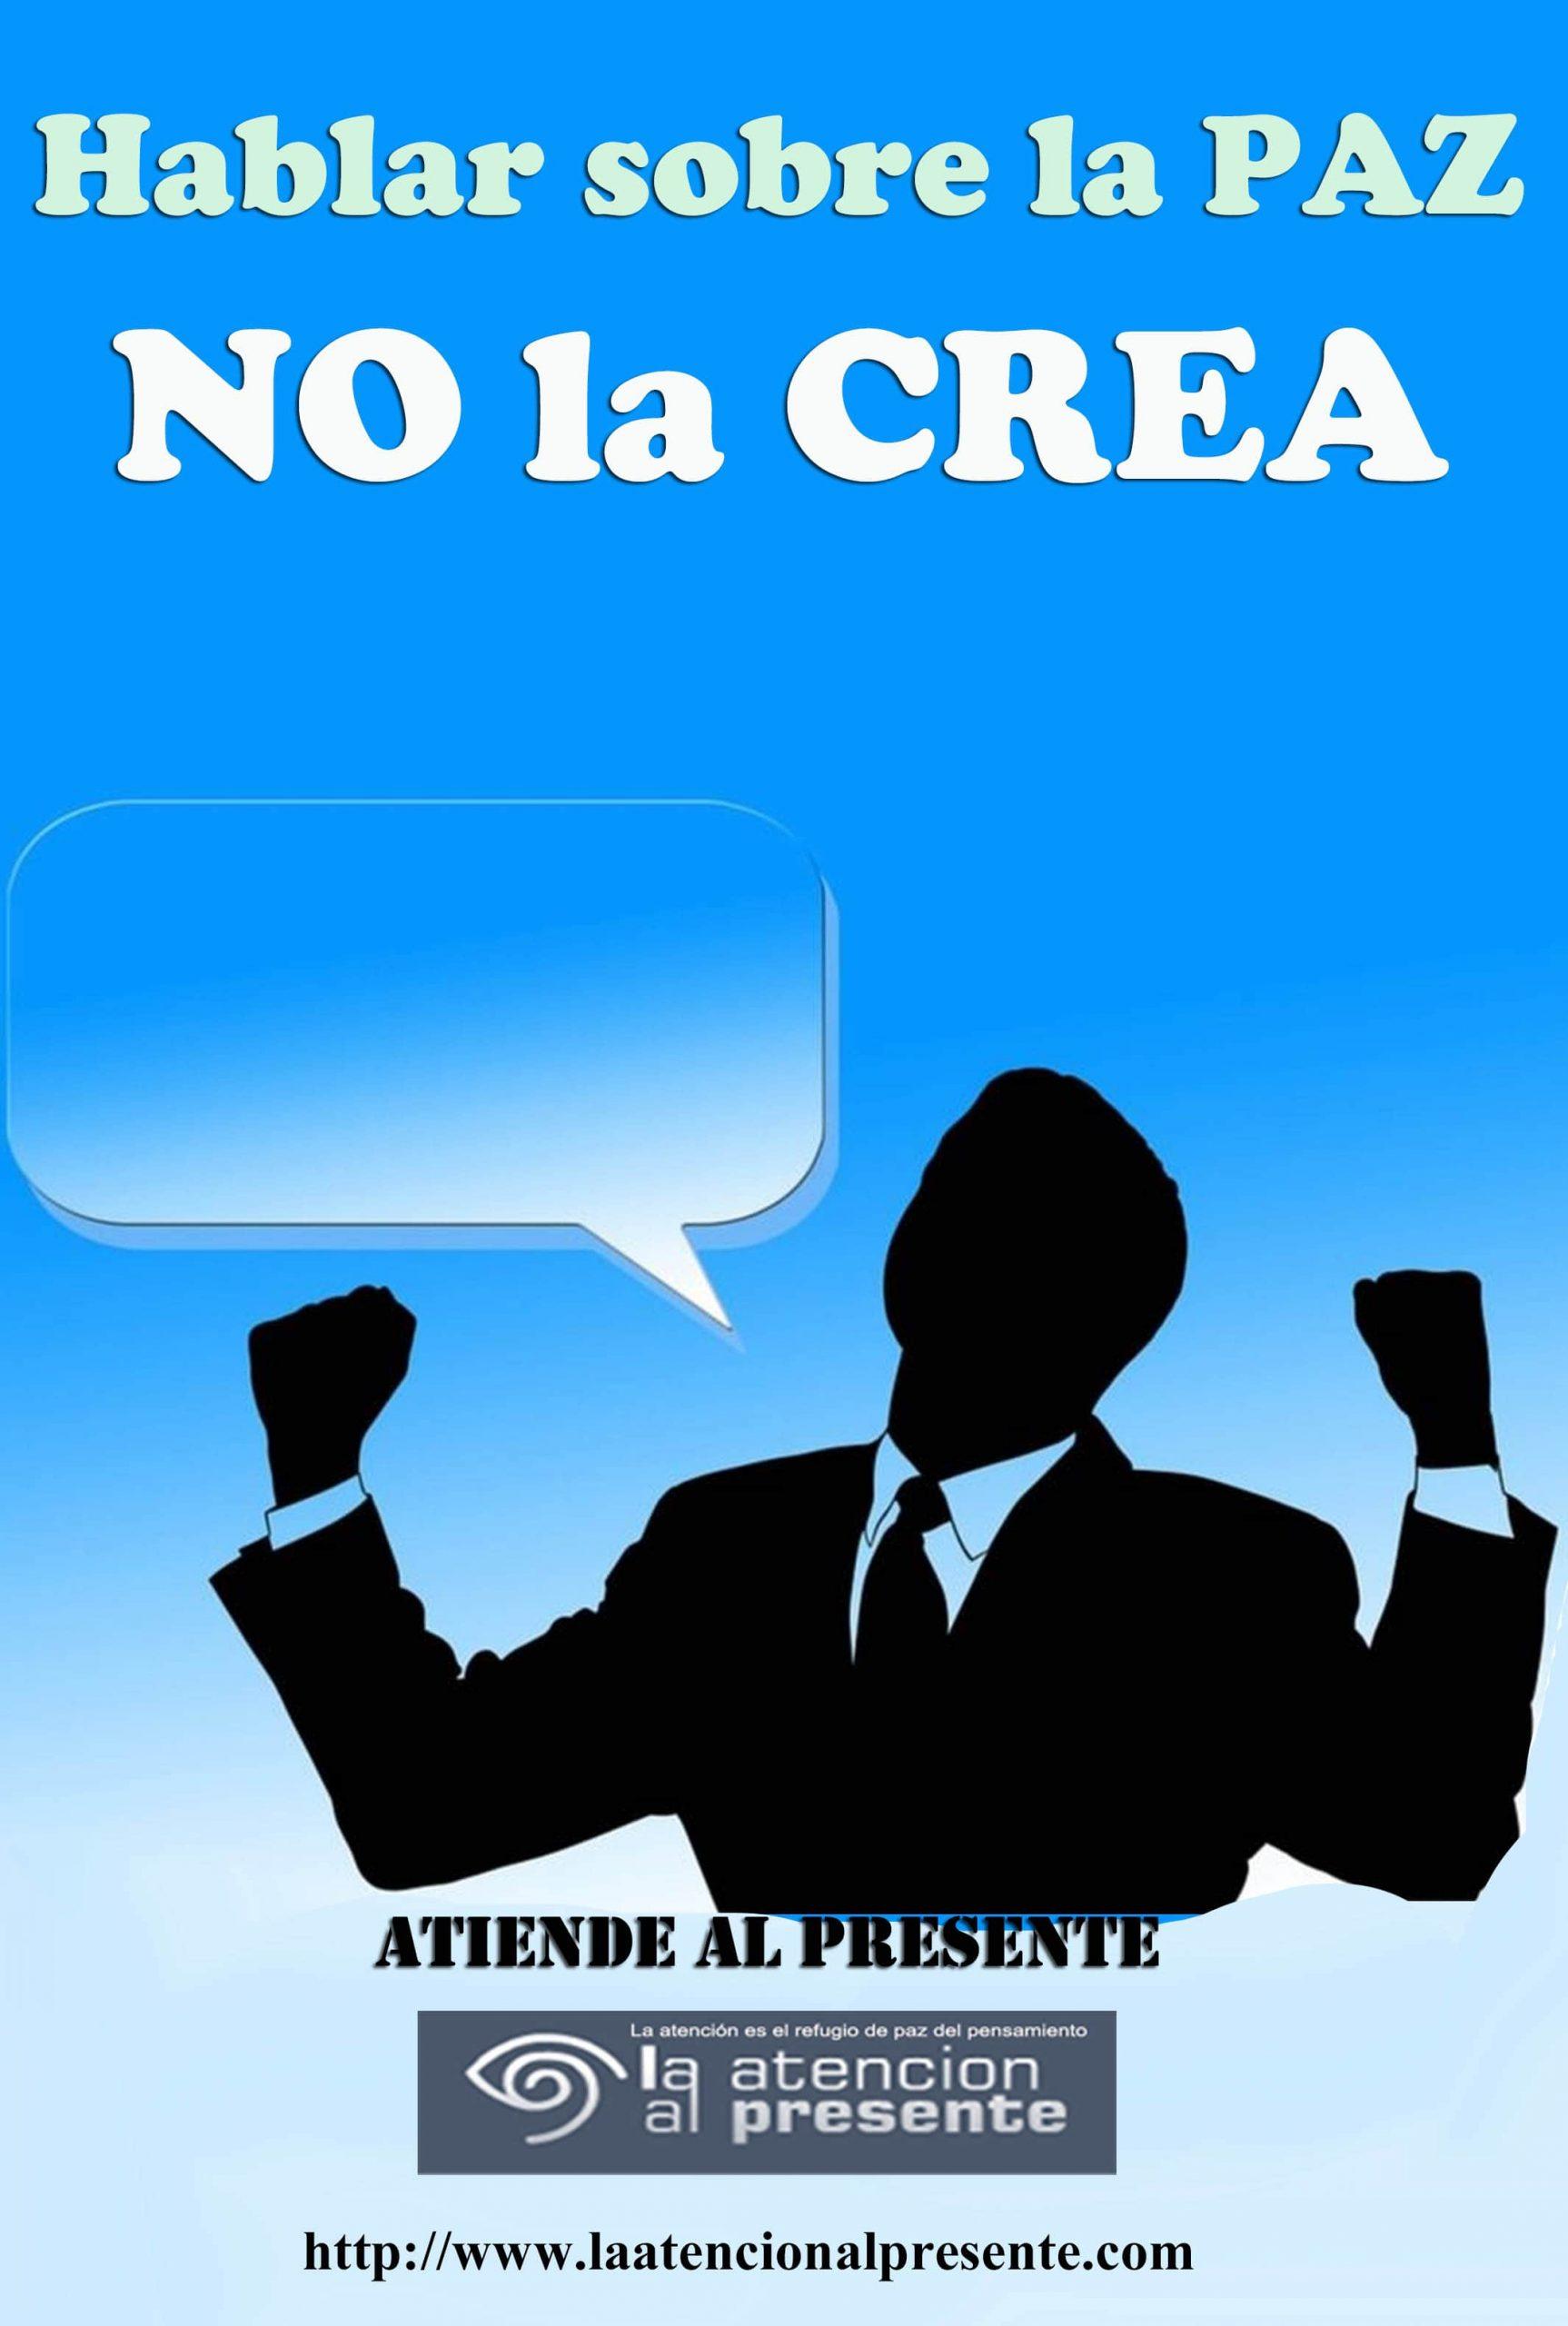 8 de abril Esteban Hablar sobre la PAZ no la crea min 1 scaled